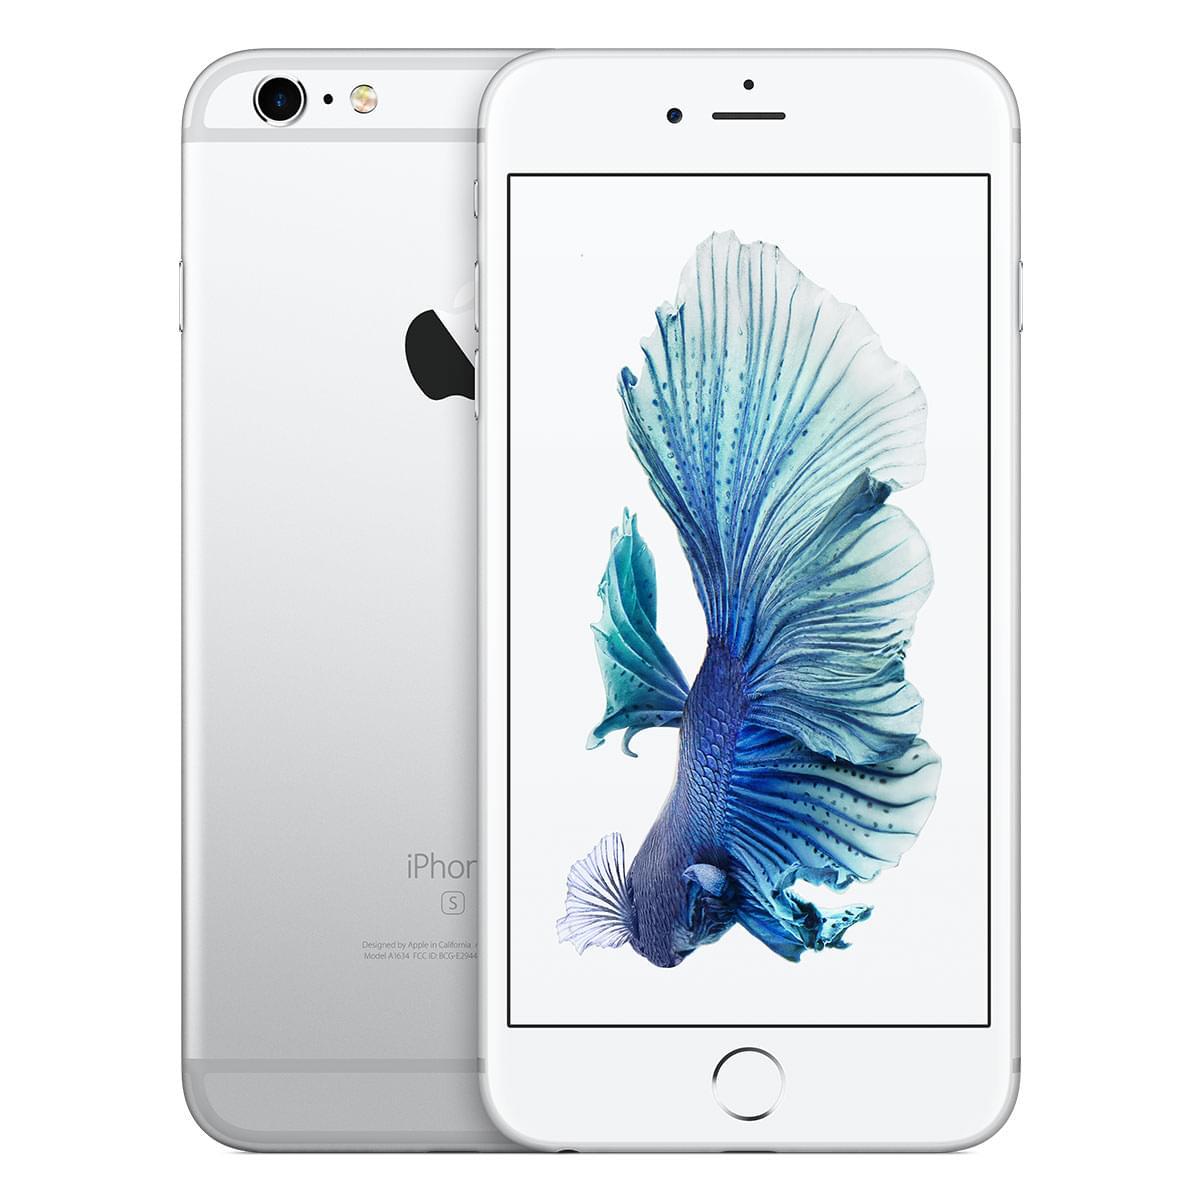 Apple iPhone 6s Plus 64Go Argent (MKU72ZD/A) - Achat / Vente Téléphonie sur Cybertek.fr - 0